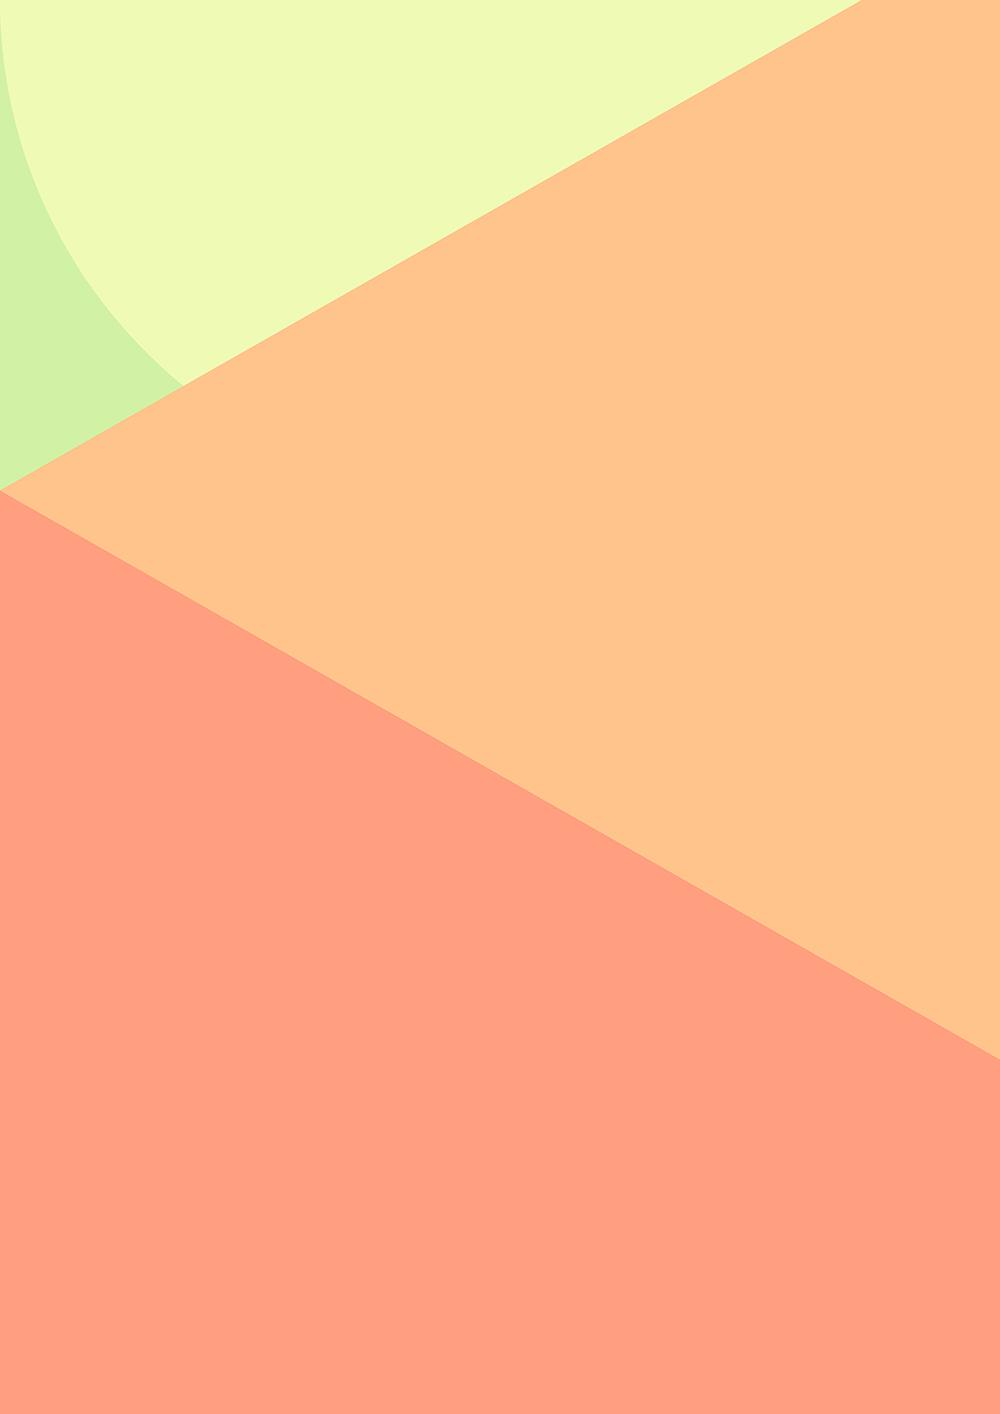 3 Shapes2316.jpg